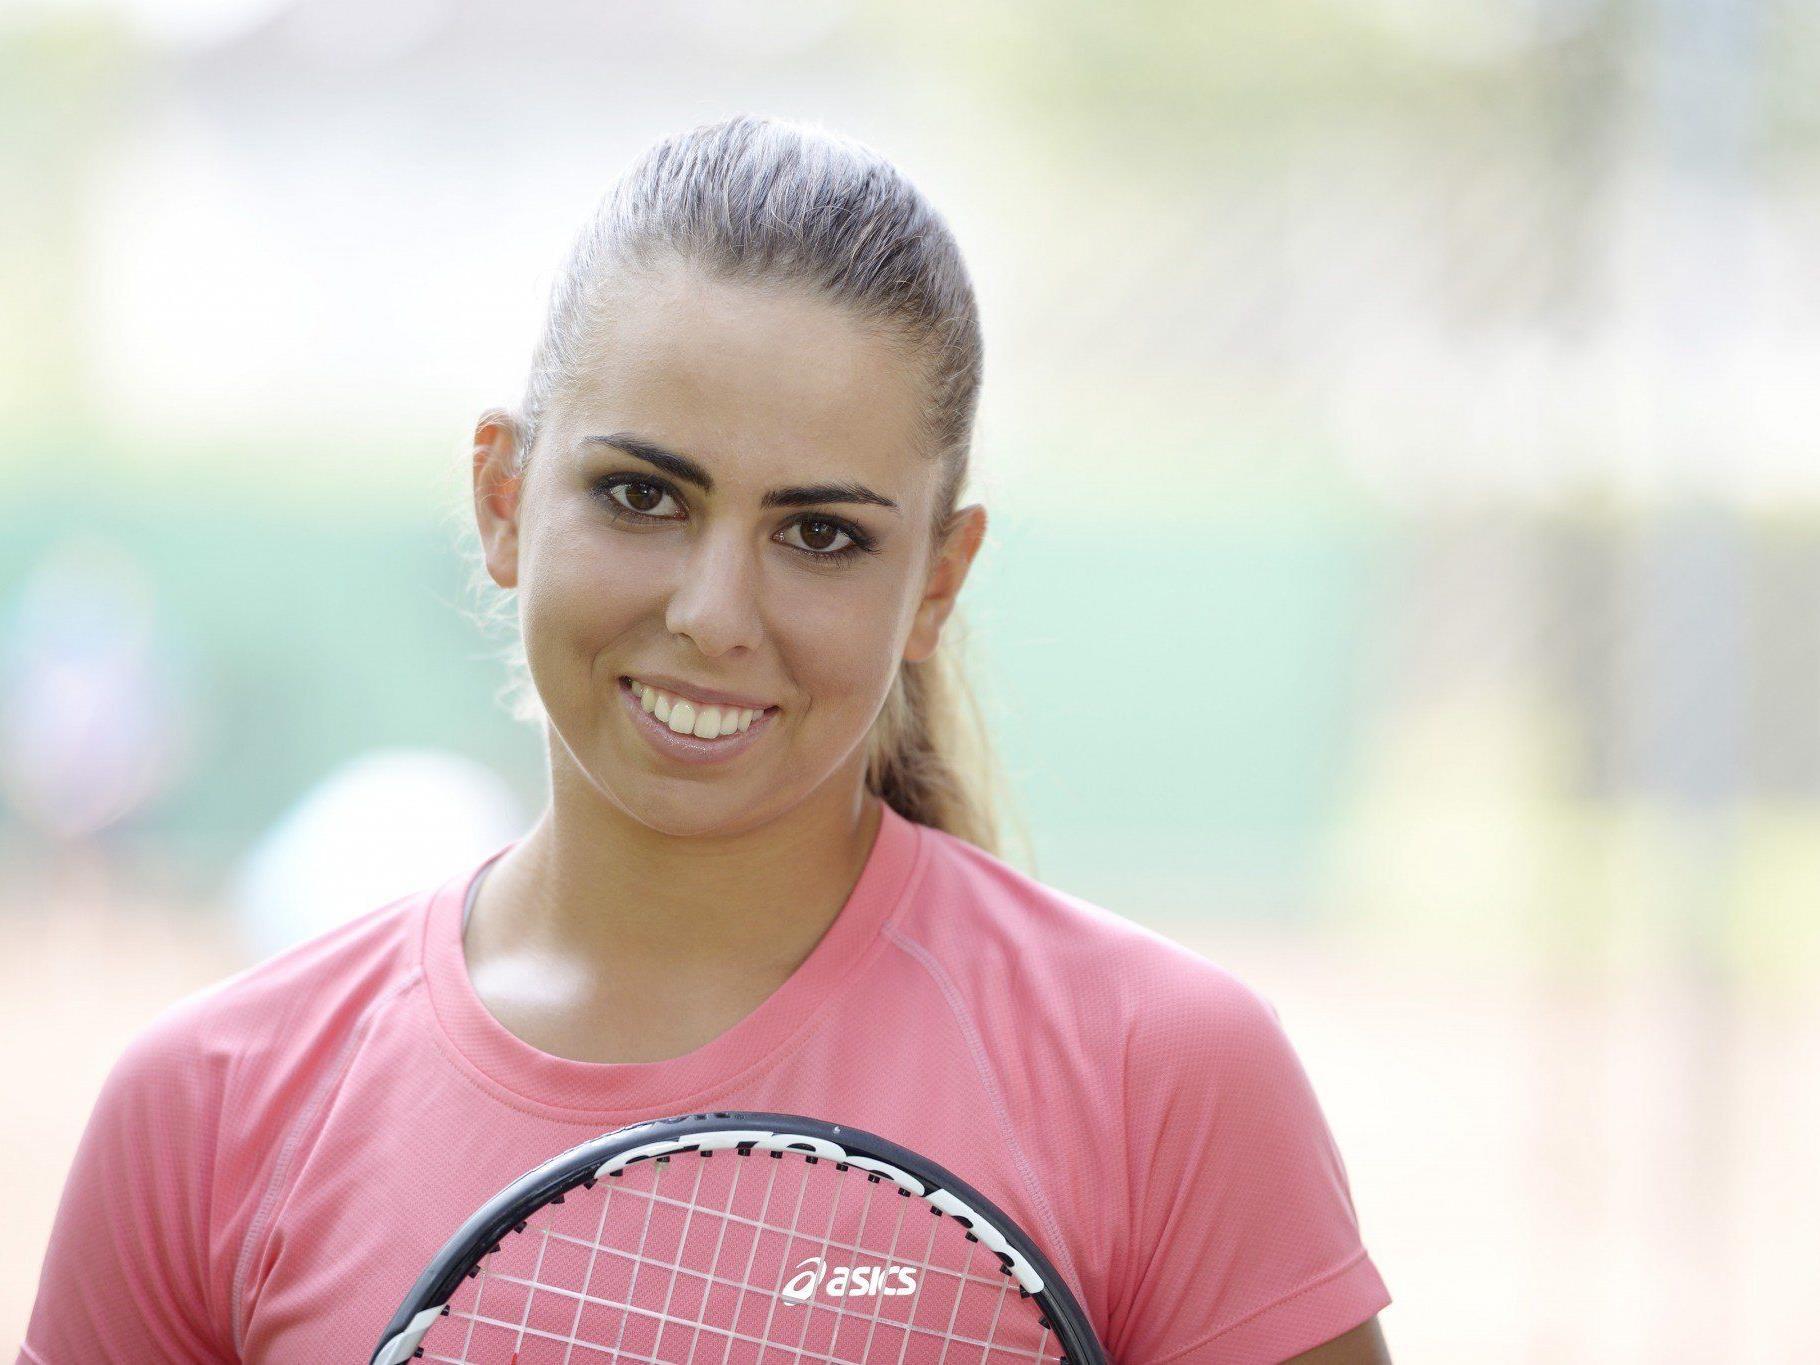 Die Dornbirnerin Julia Grabher steht beim U-18-Turnier in Prag im Endspiel.